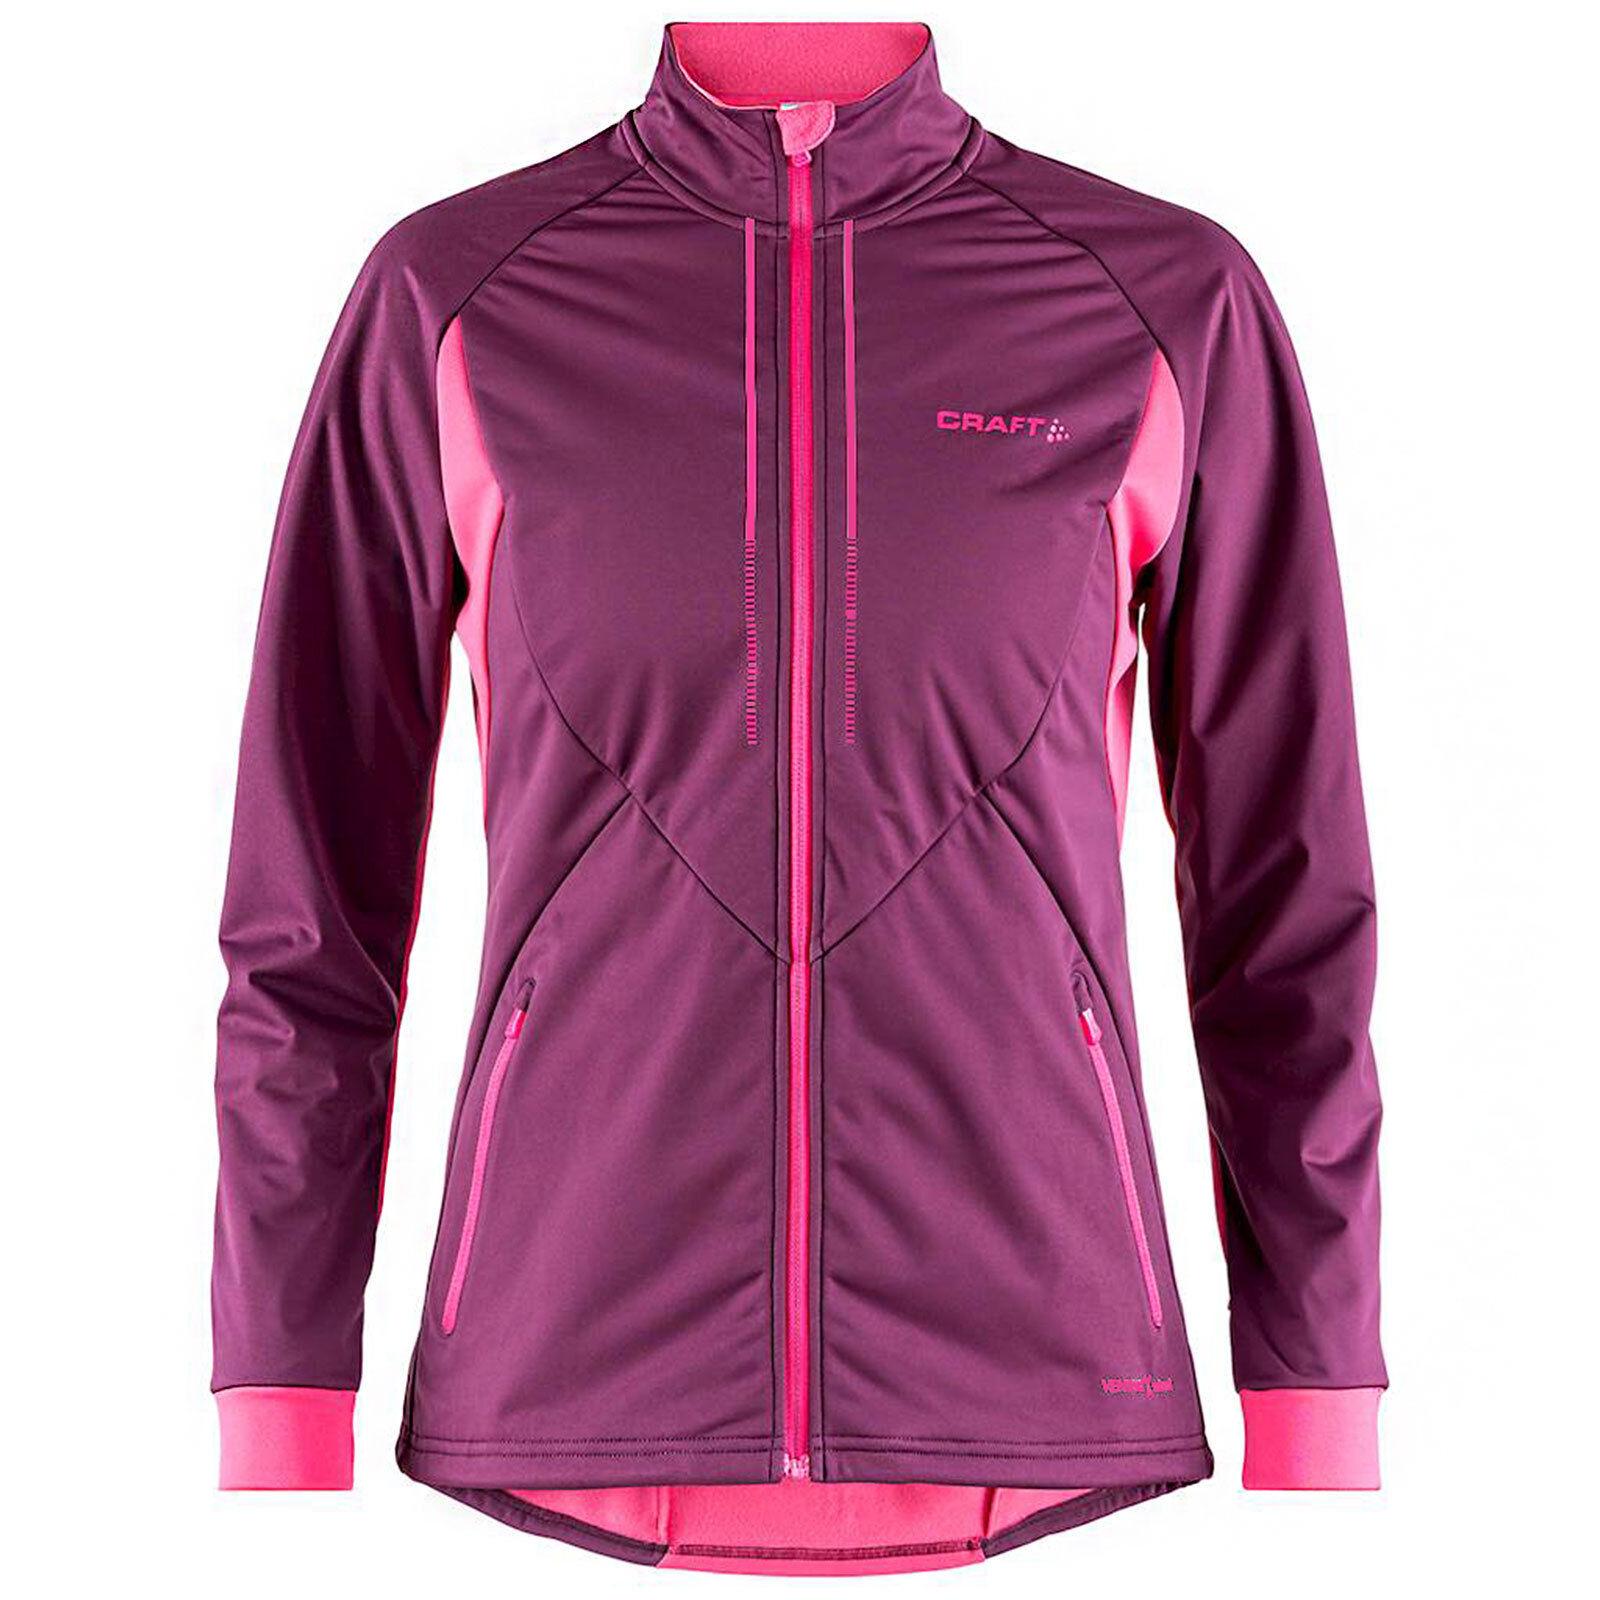 Craft Storm Jacket Damen-Jacke Funktionsjacke Mid-Layer Outdoorjacke Damenjacke